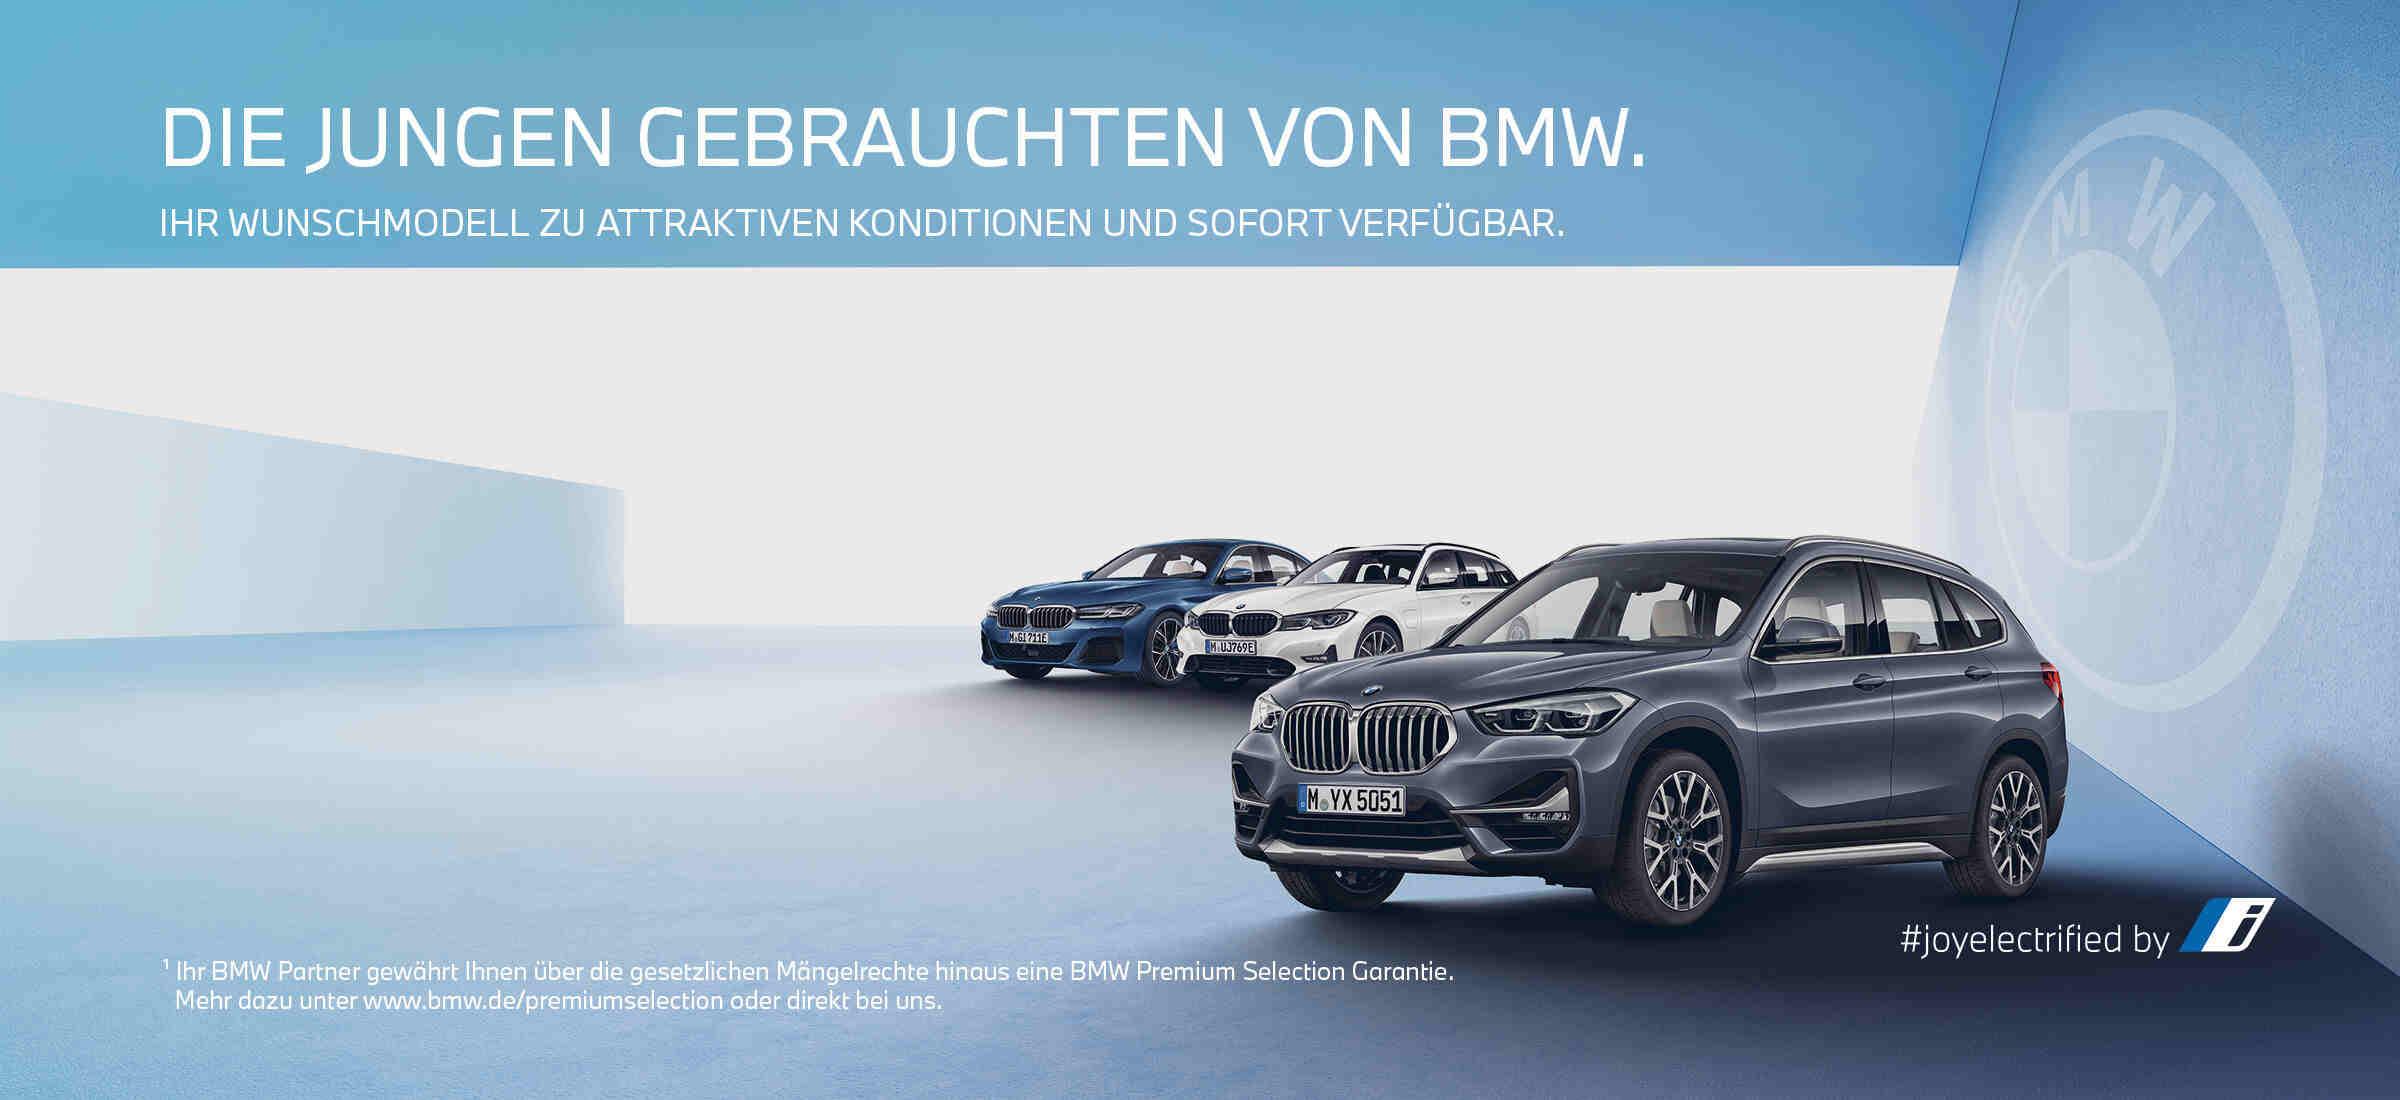 BMW JGA